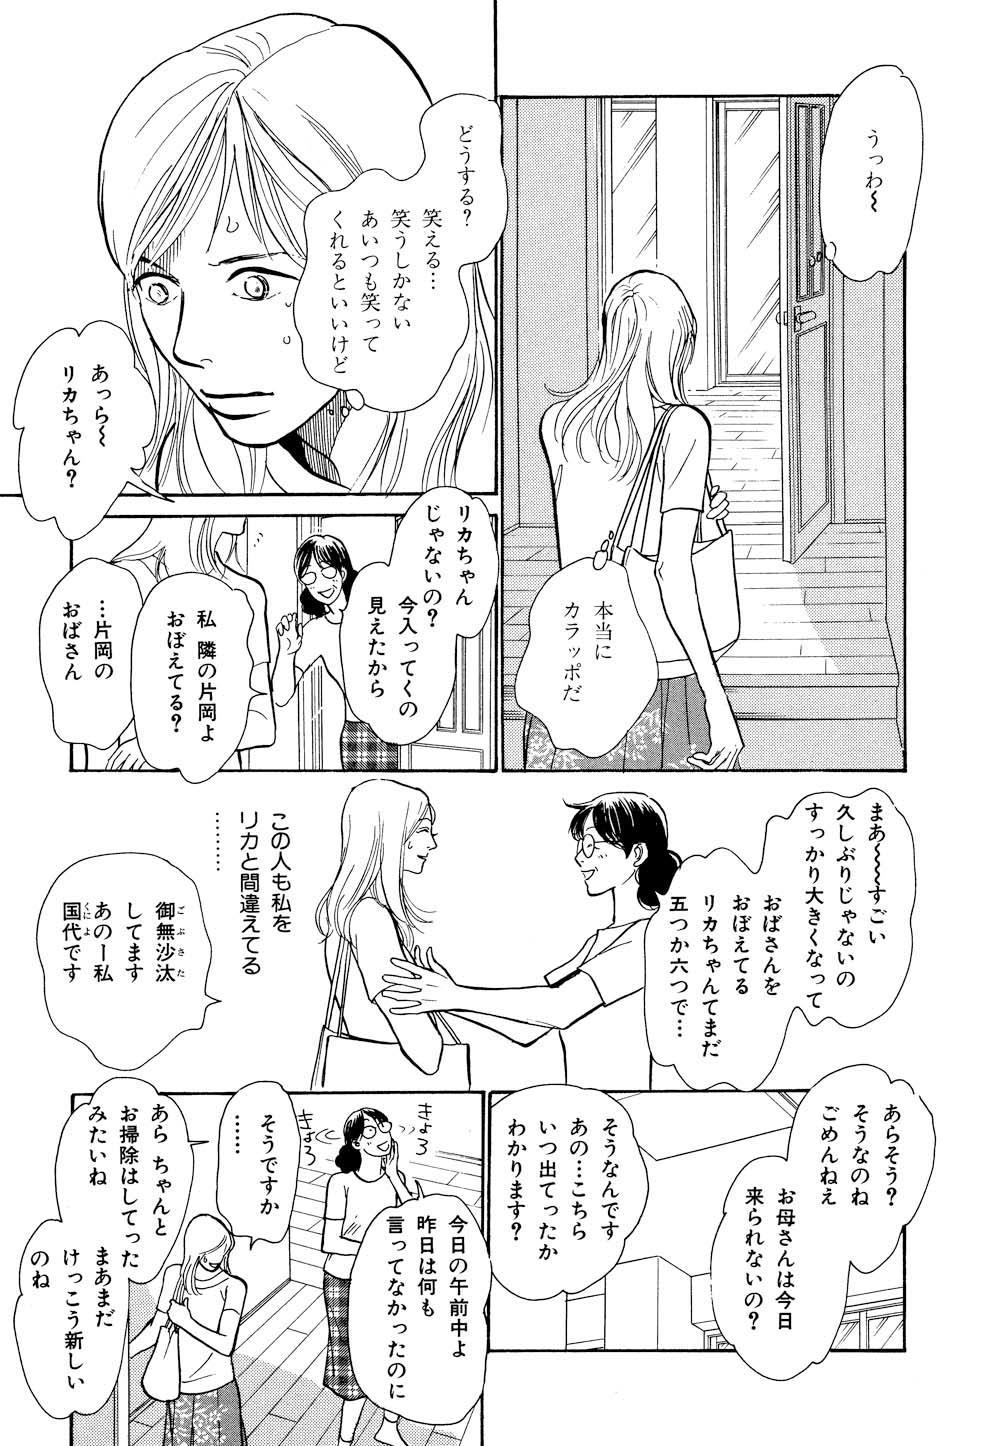 百鬼夜行抄_12_0157.jpg